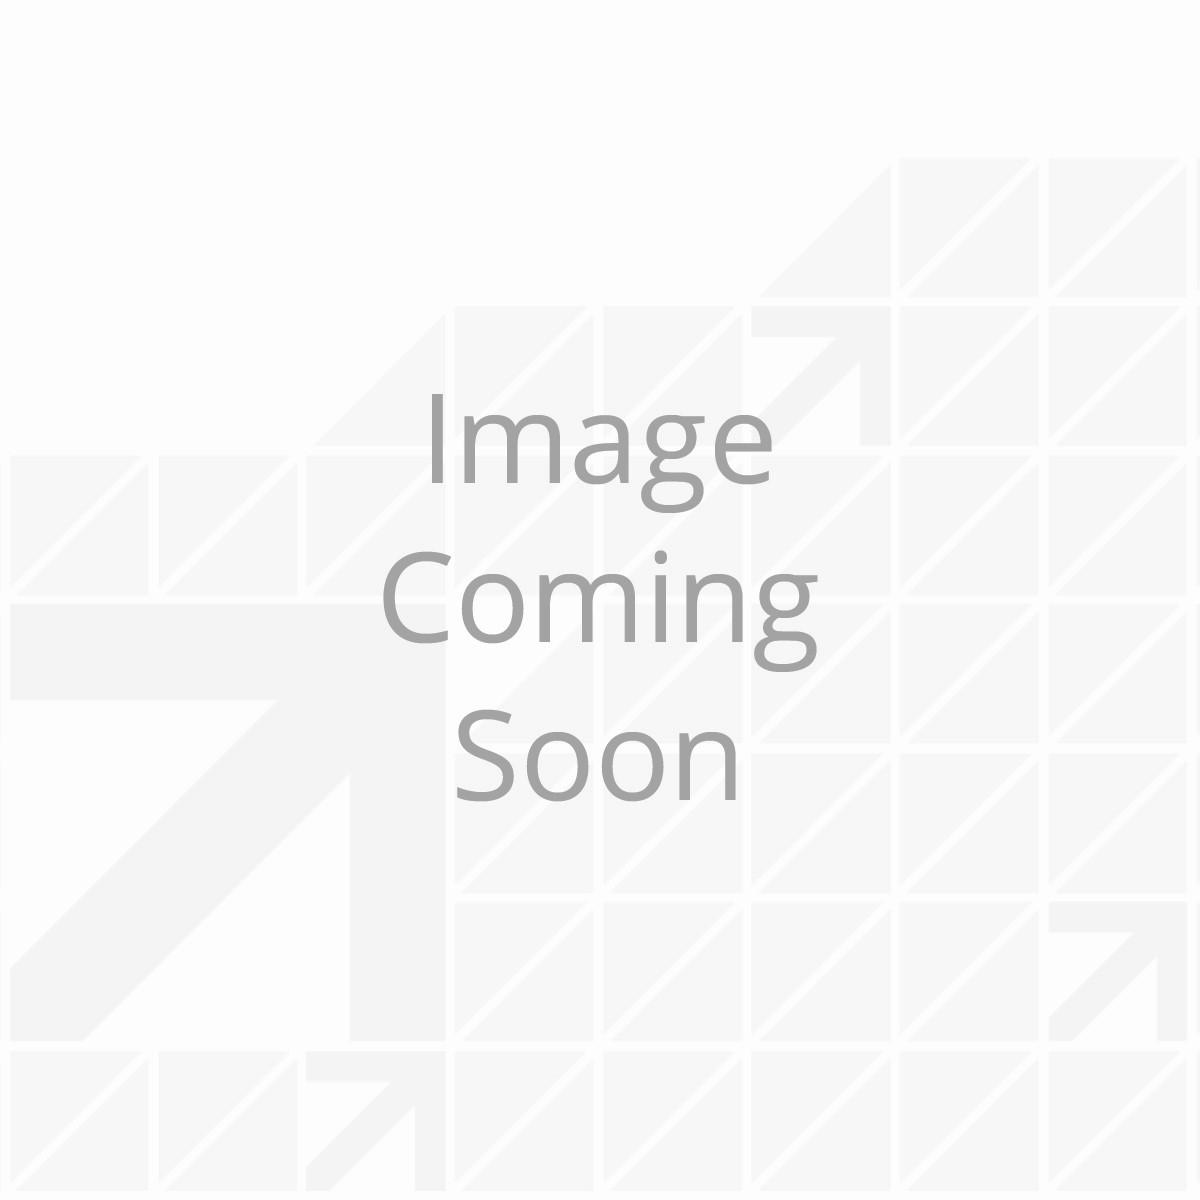 Raxm 68.25 X 11.5 Standard